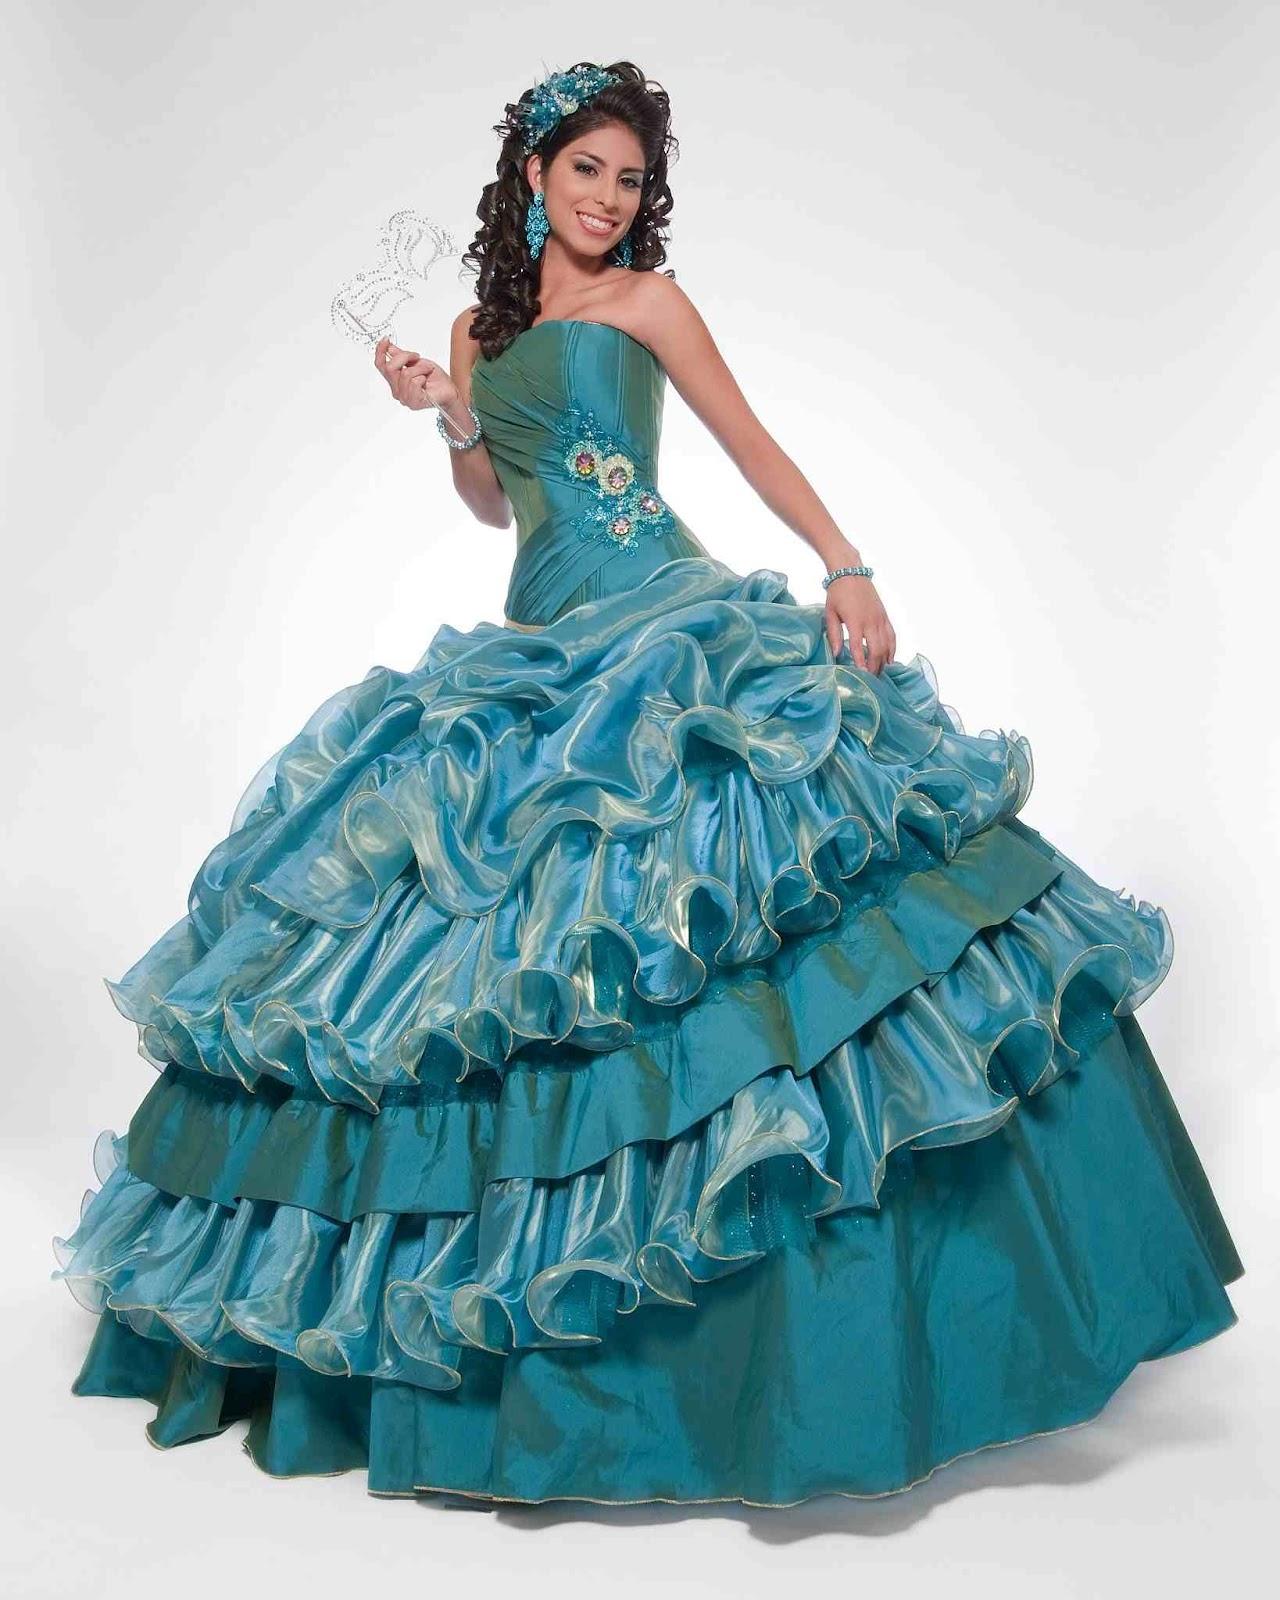 http://1.bp.blogspot.com/-jyR8cnKJ6dk/UGo1lnIC2yI/AAAAAAAABRk/Jiwn3vszygQ/s1600/laglitter-quinceanera-dresses-404.jpg